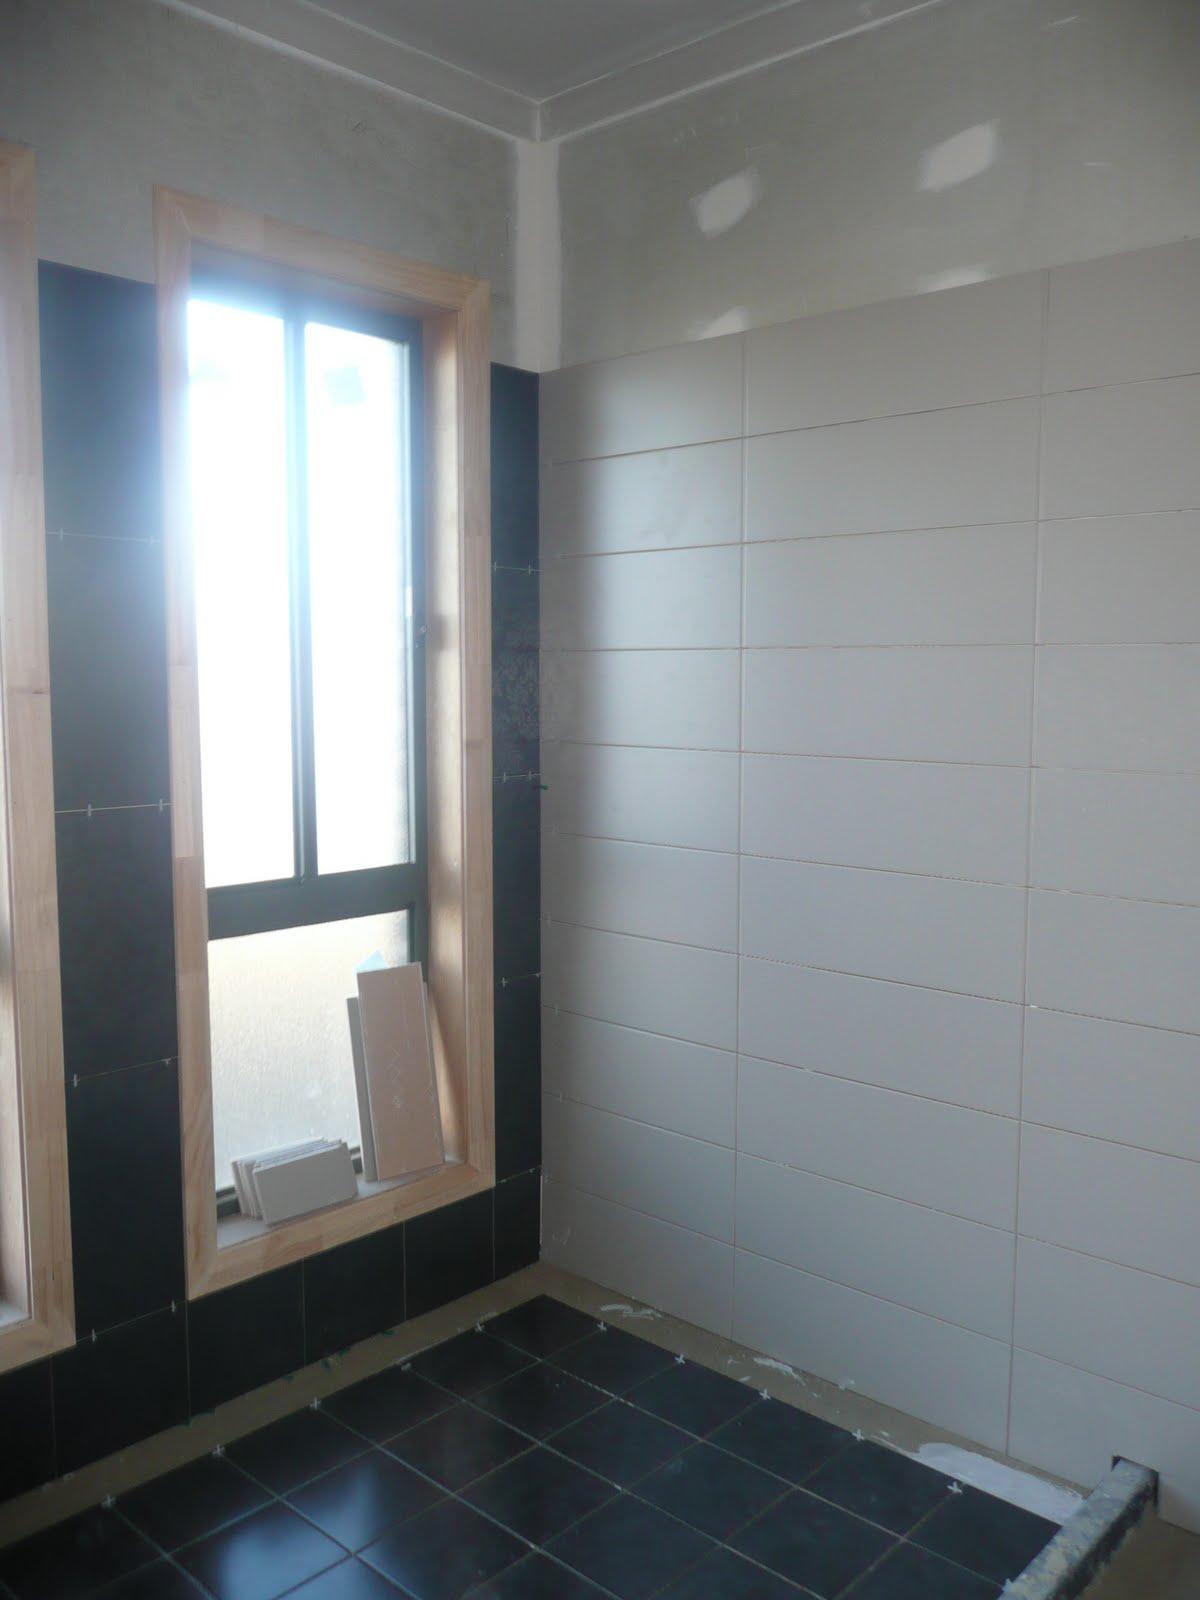 Eden Brae Hayman@the ponds: Tiling Update